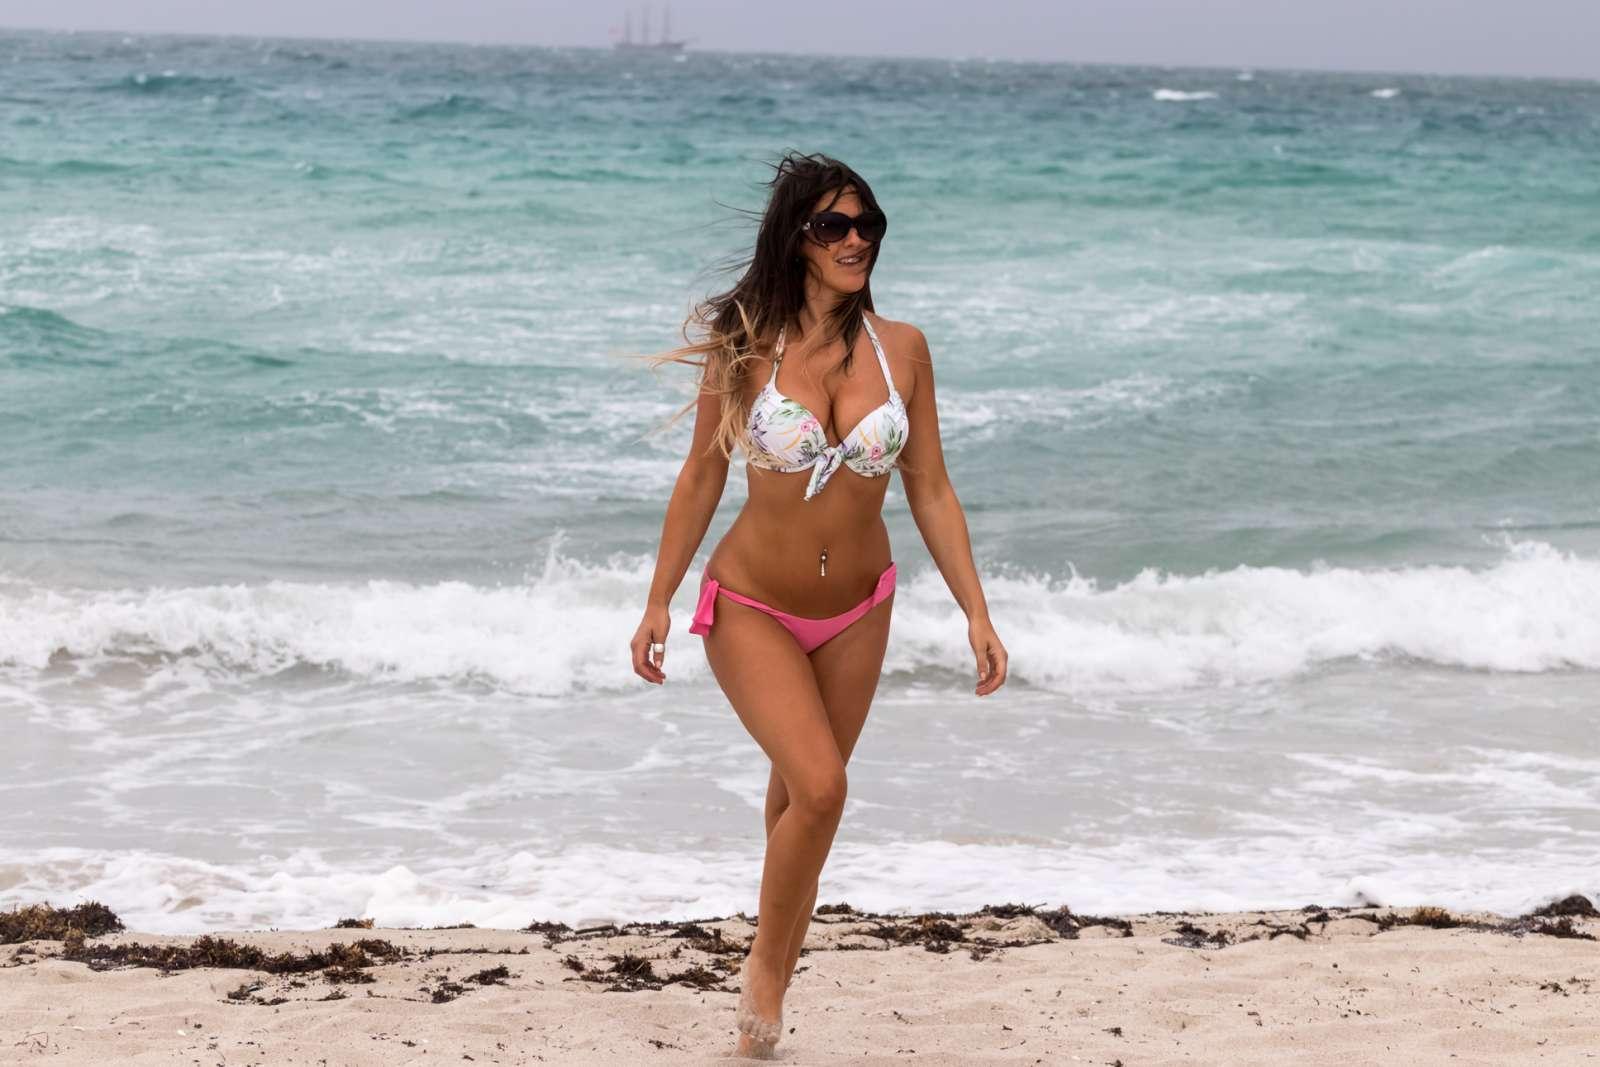 Claudia Romani 2017 : Claudia Romani in Bikini -06